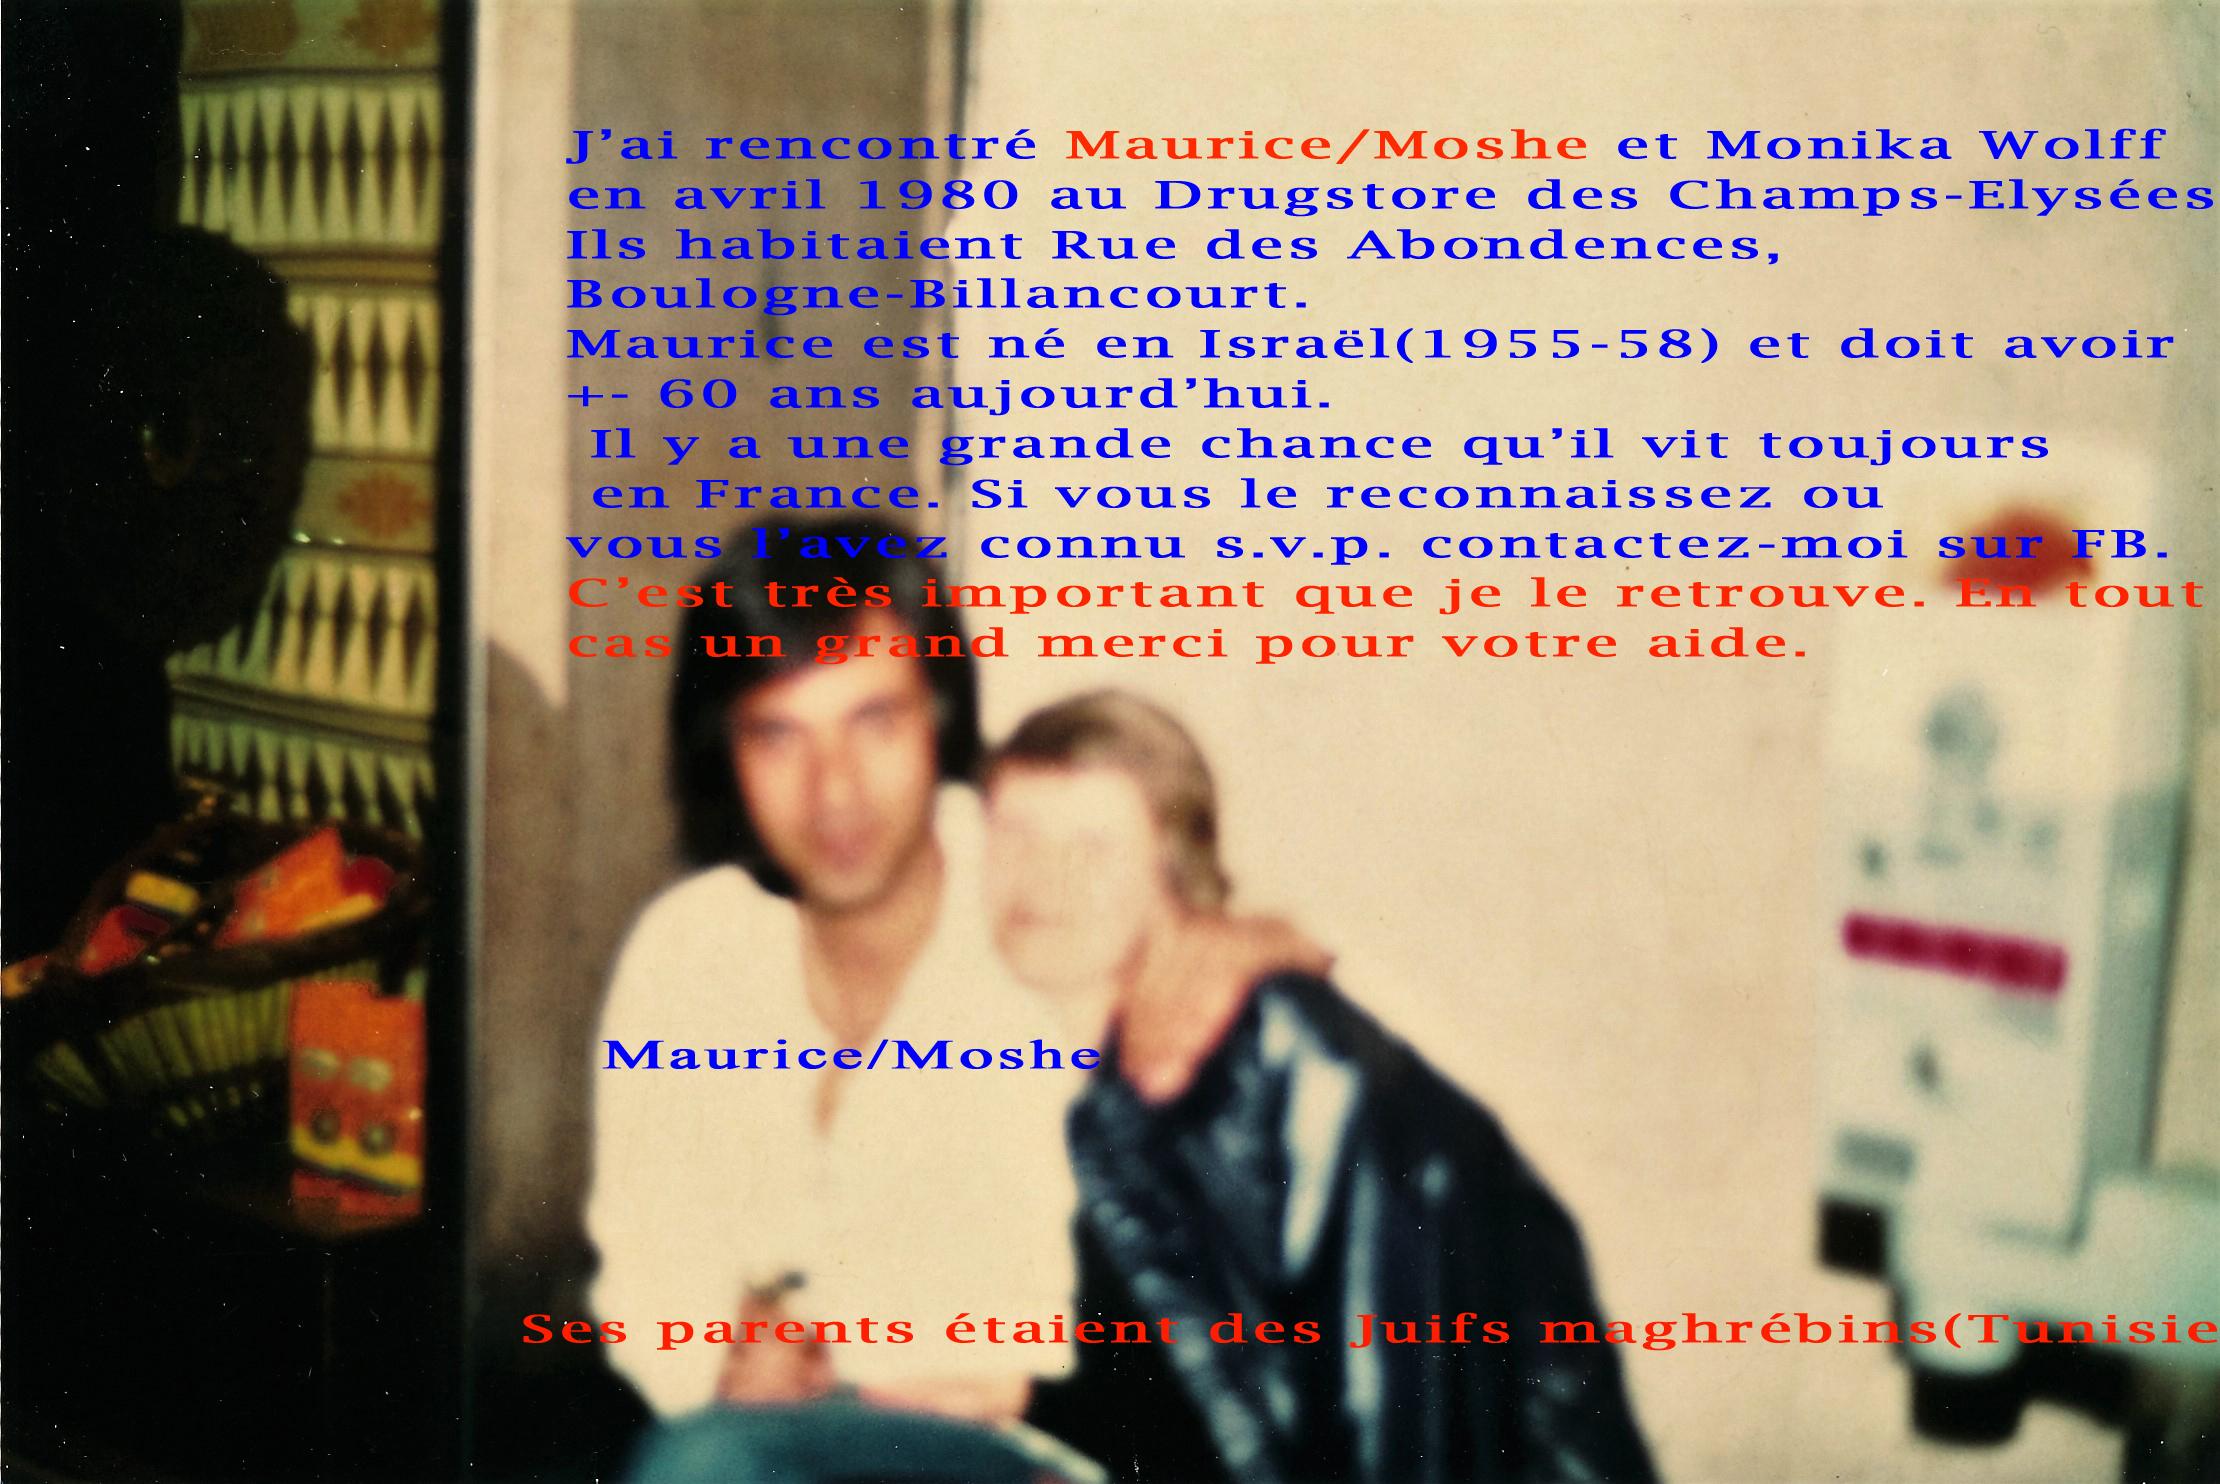 Maurice/Moshe